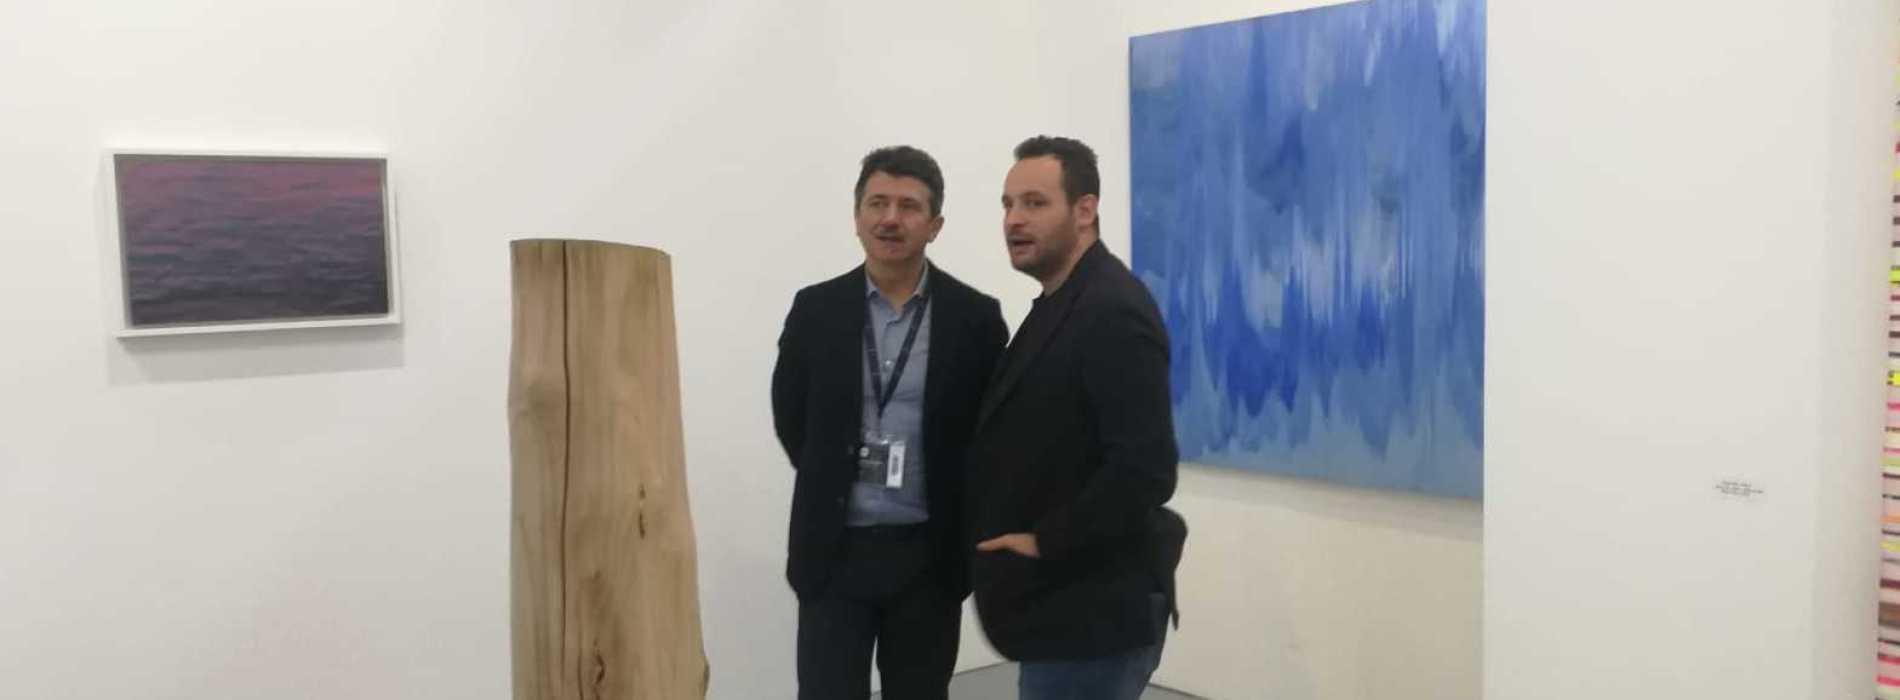 Caserta c'è all'Arte Fiera di Bologna, presente Nicola Pedana